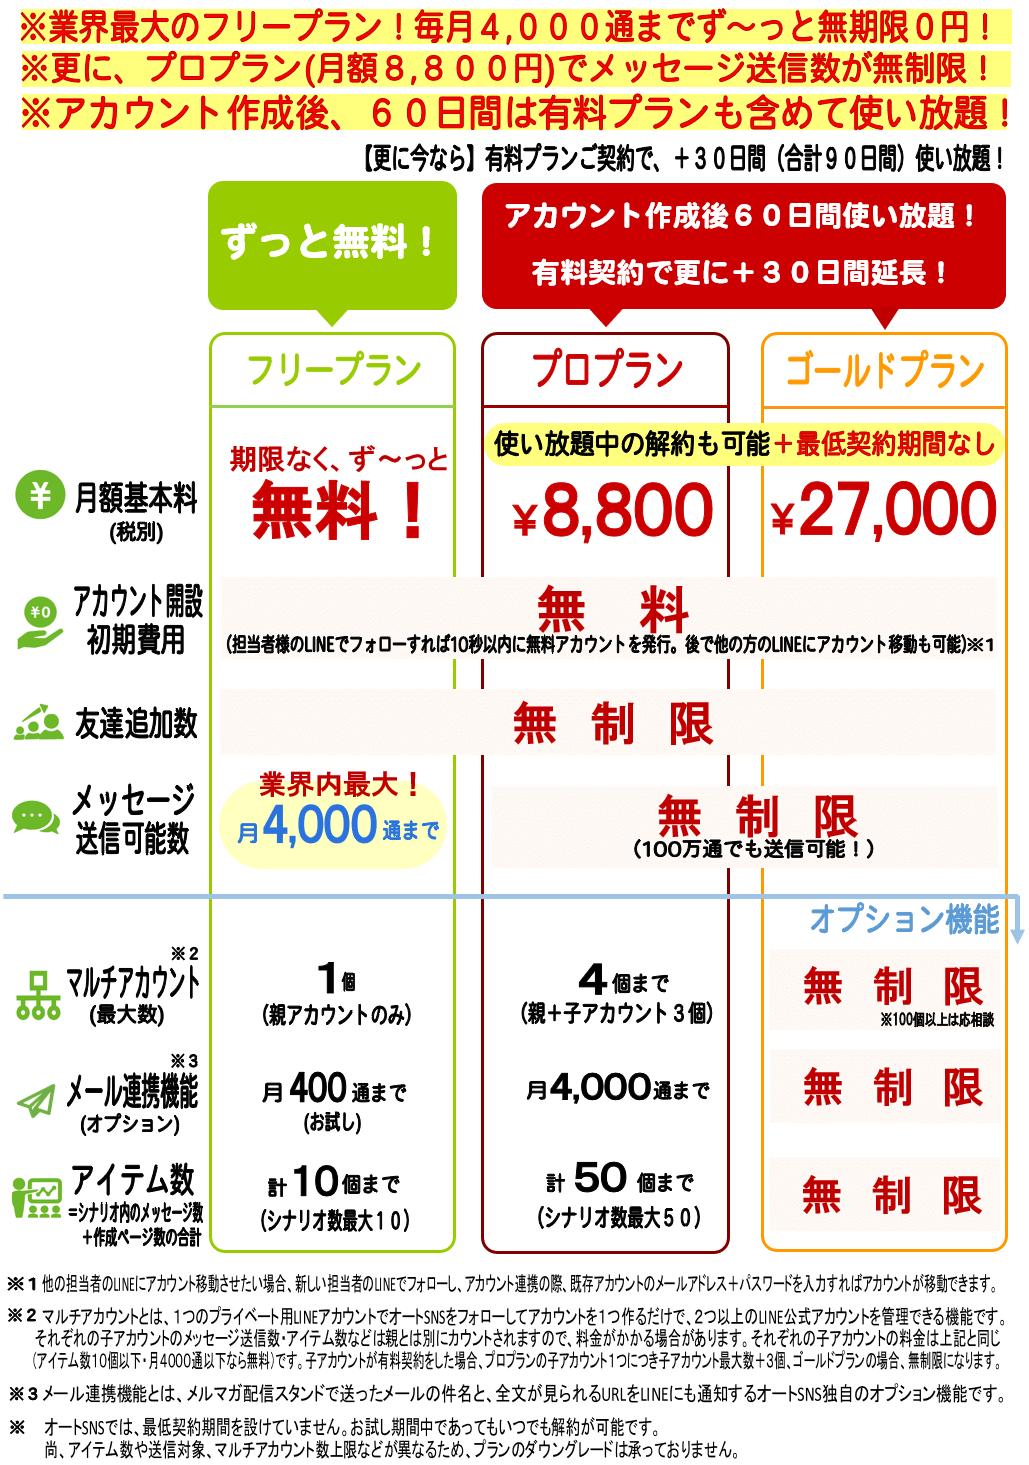 オートSNSフリー料金表